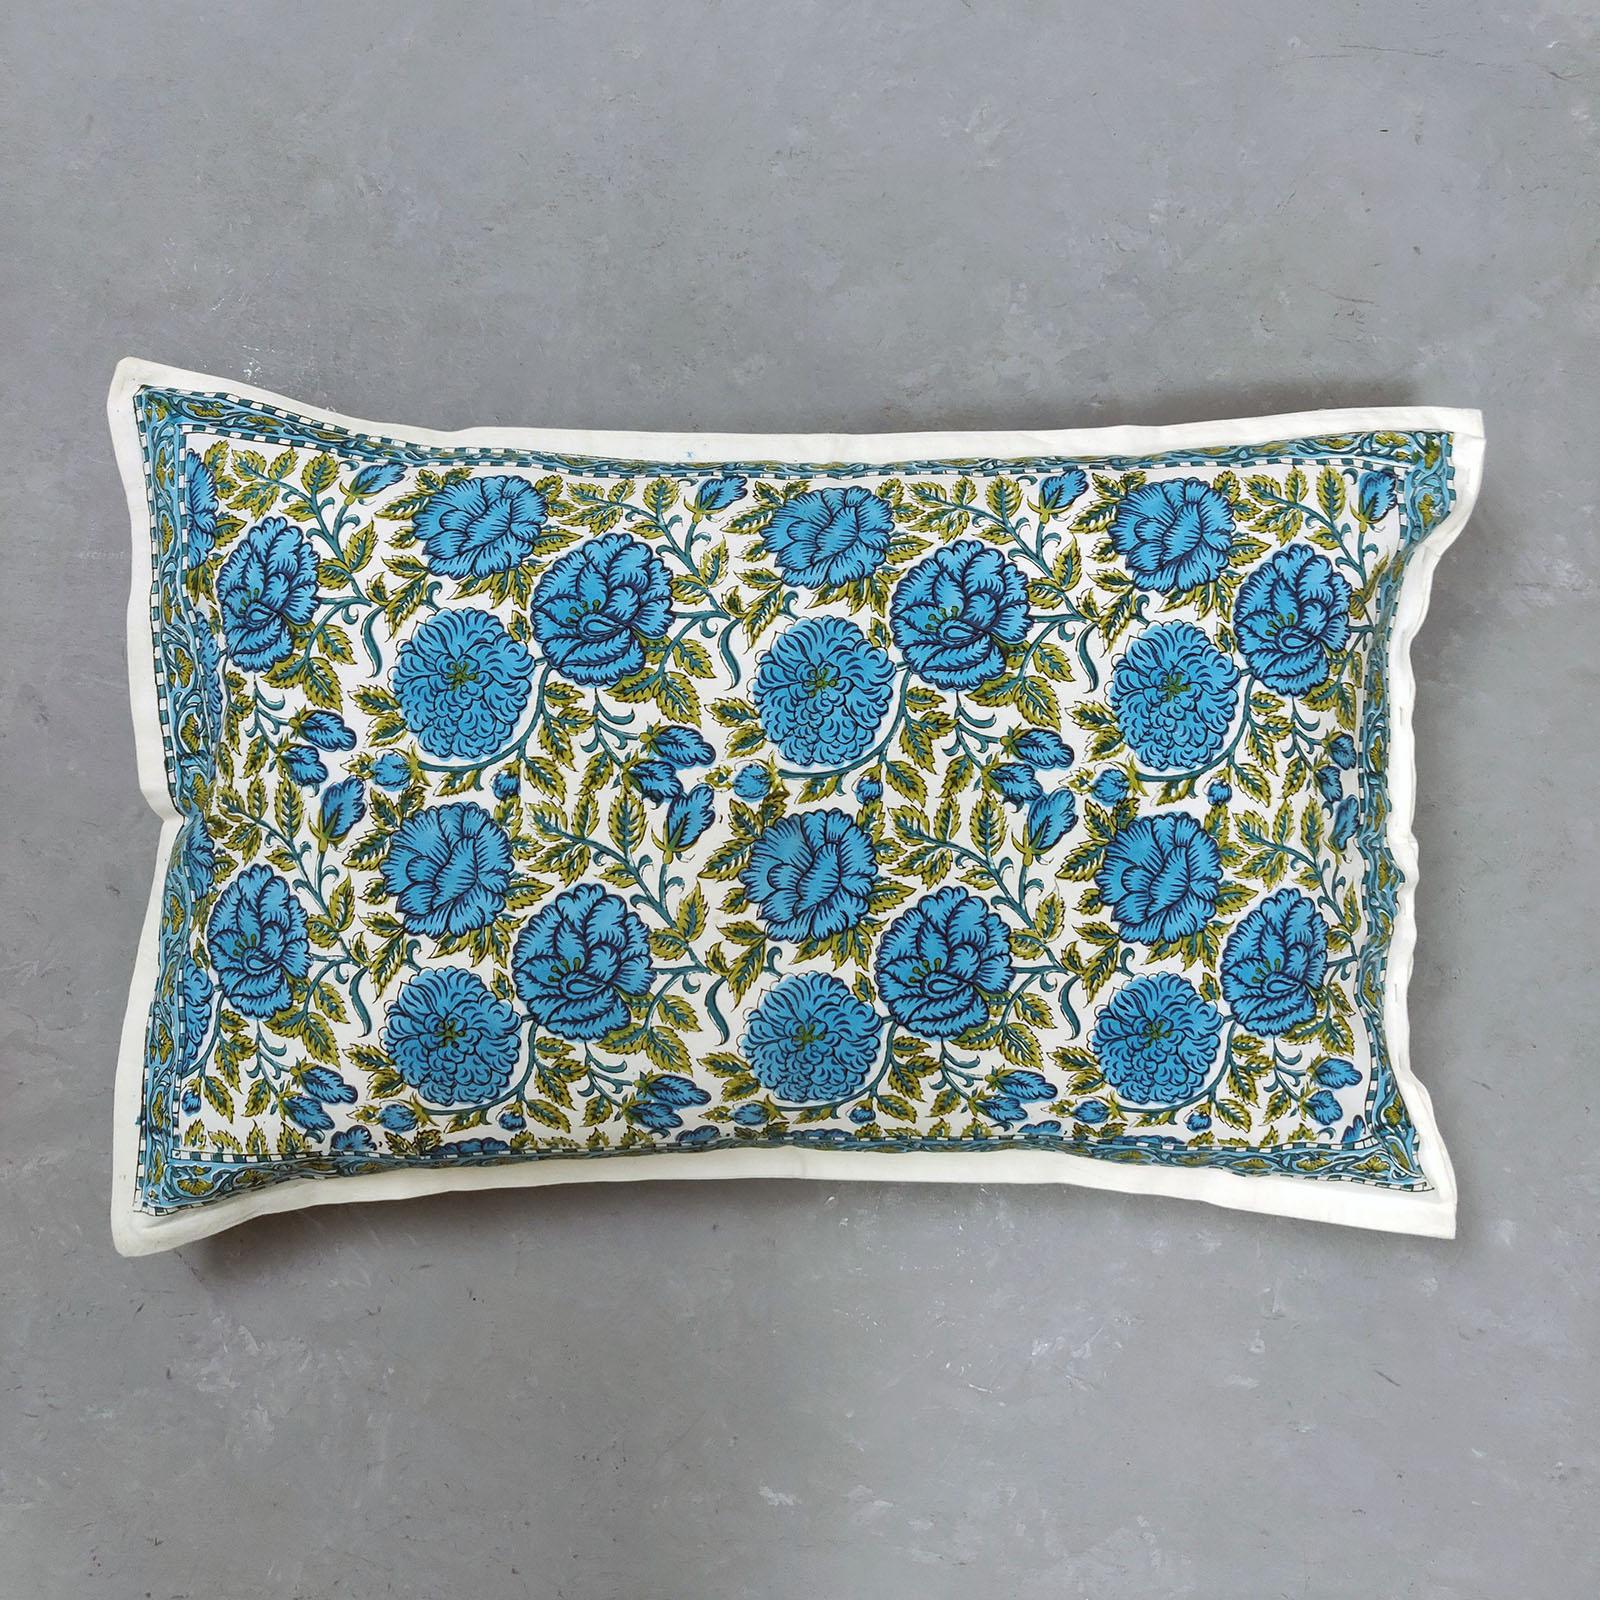 Aarika Pillow Cover